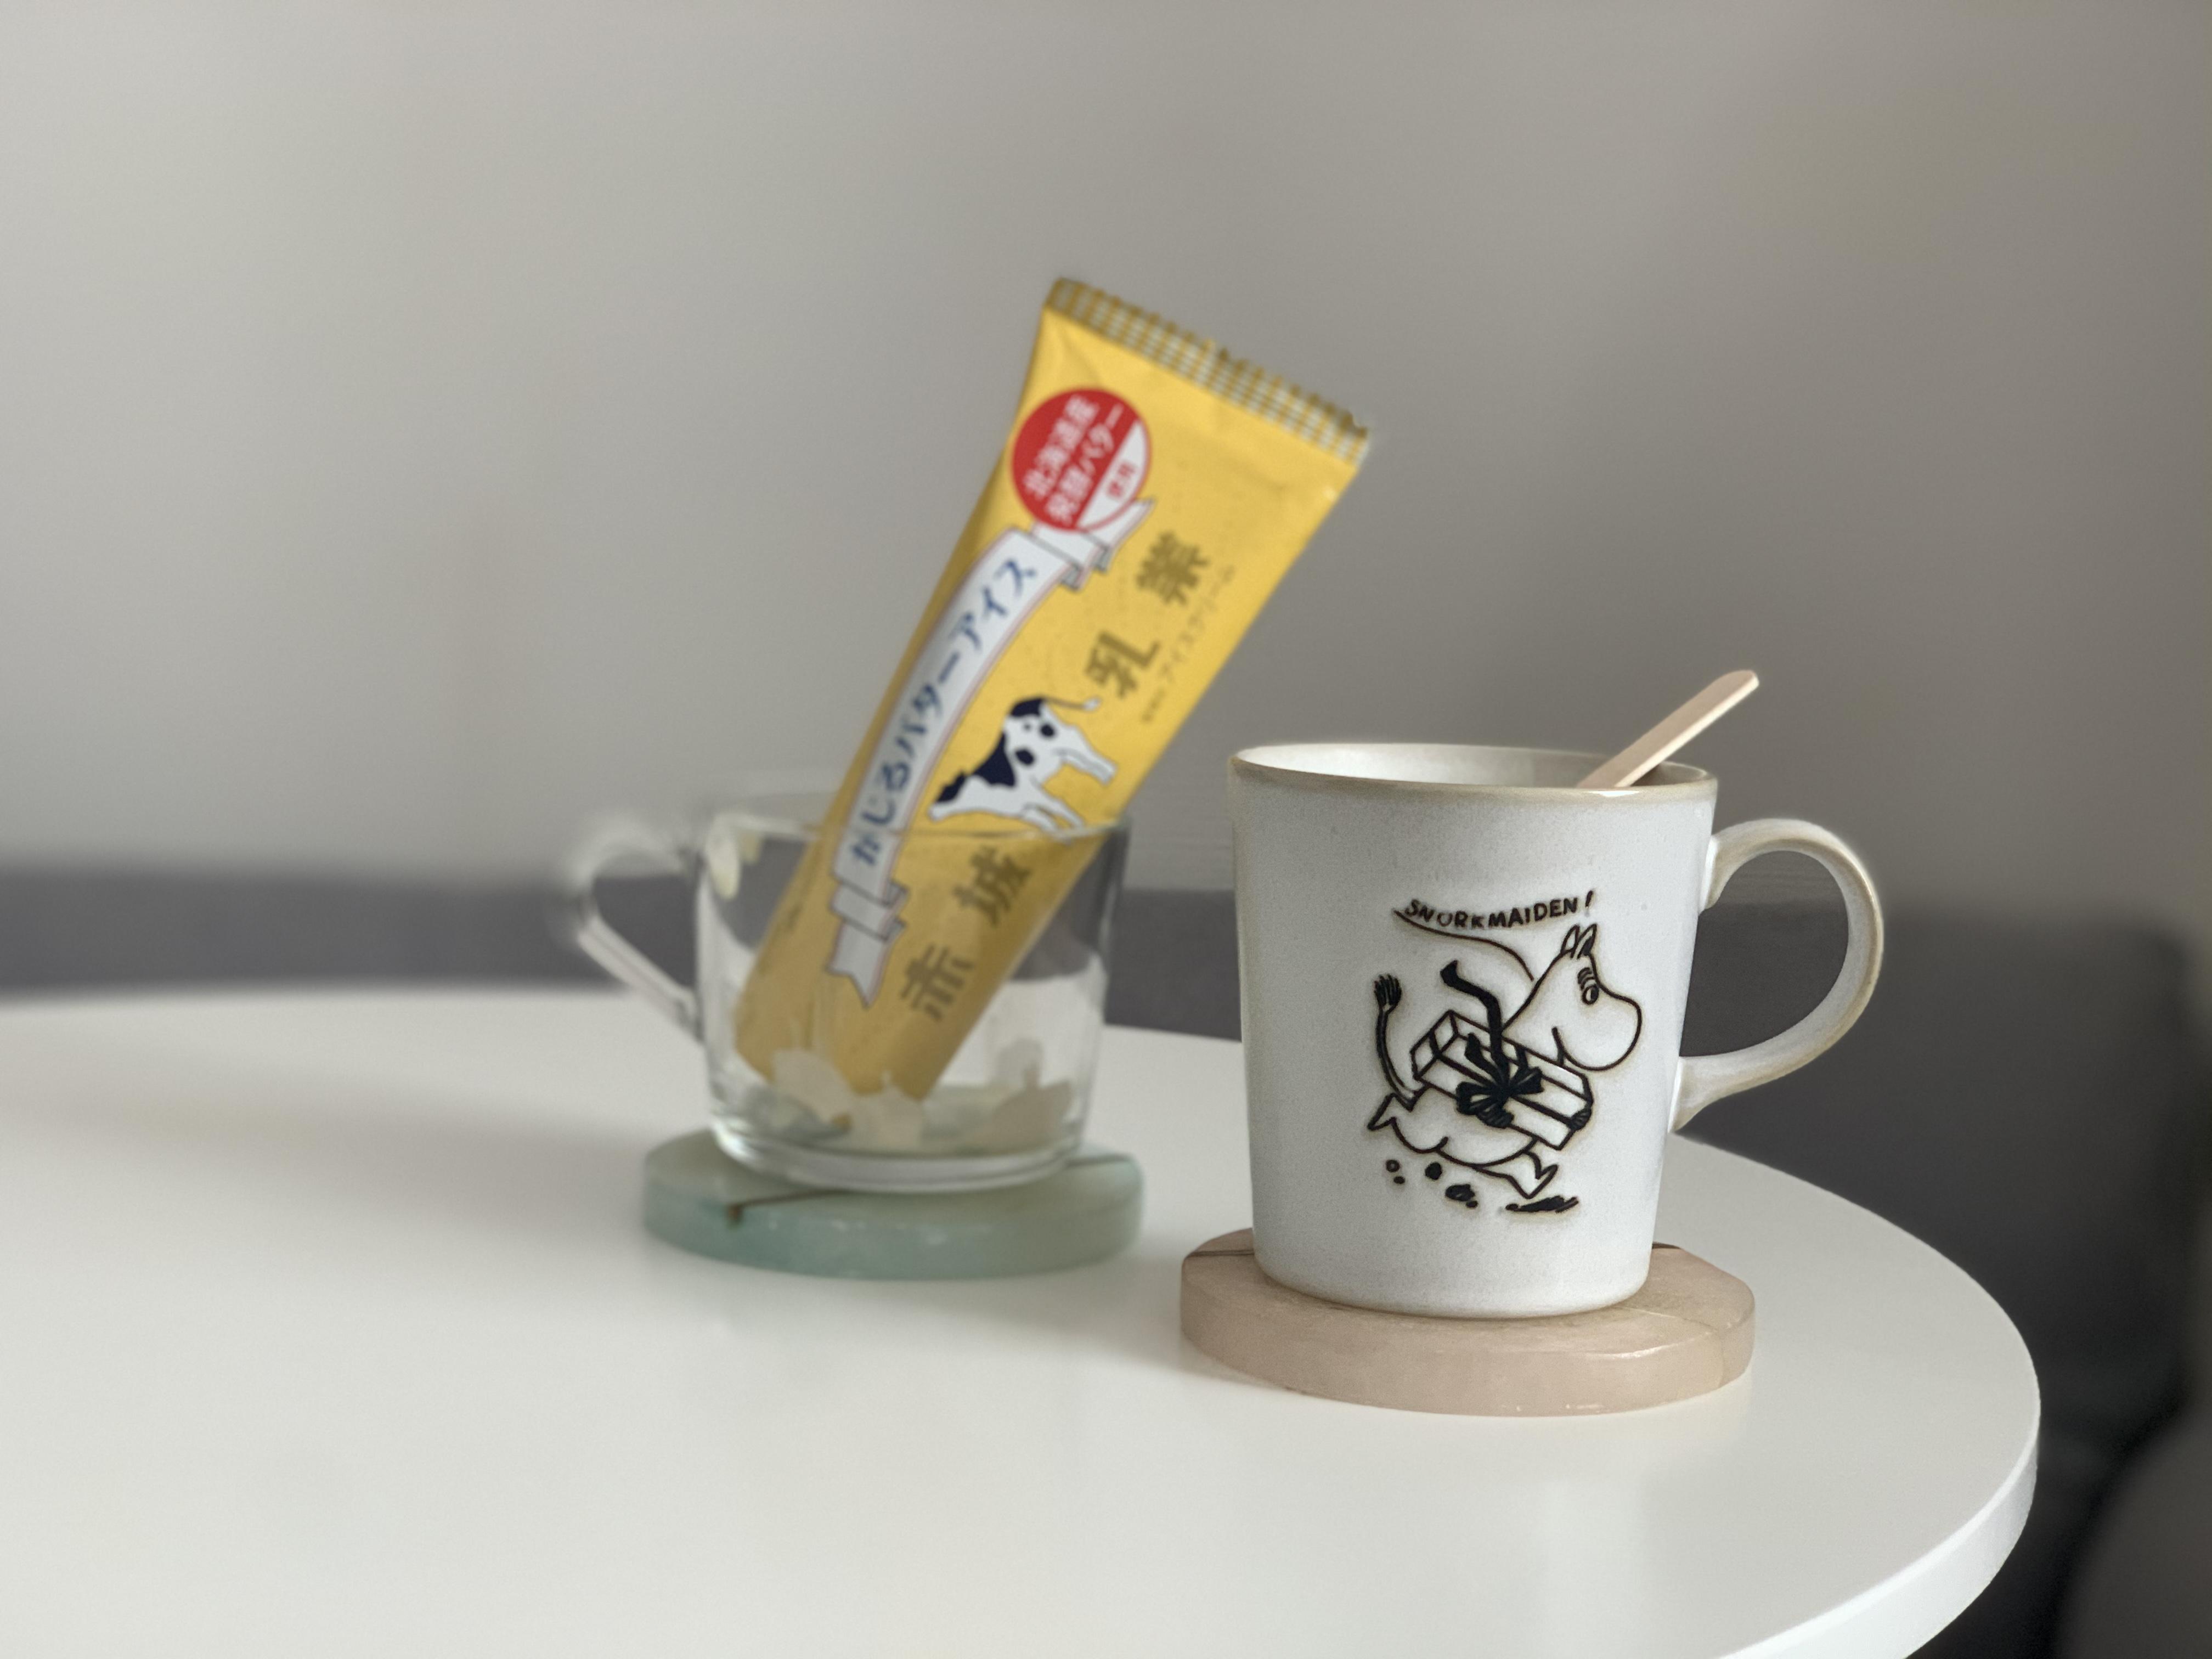 かじるバターアイスをコーヒーに入れてアレンジ♡ウインナーコーヒーのようなまろやかな味に_5